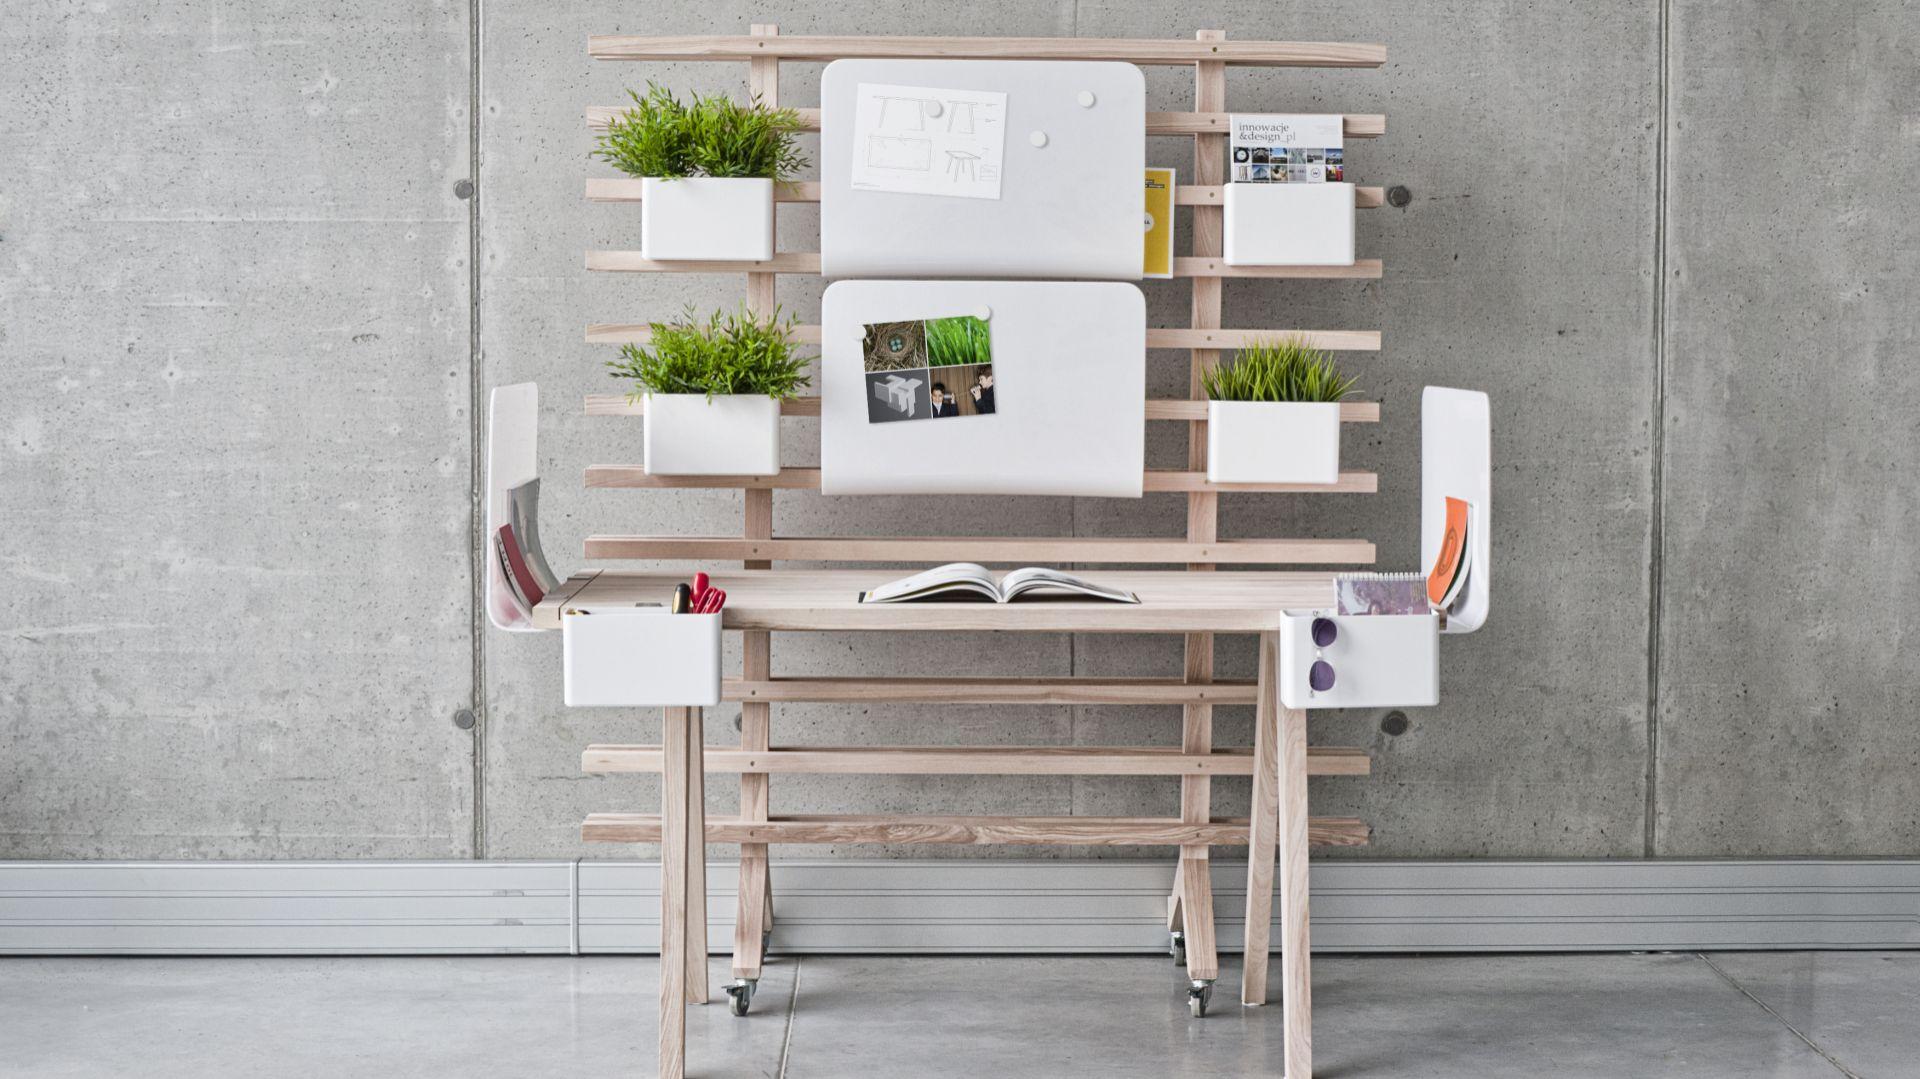 Personalizowane biurko Worknest to praca dyplomowa Wiktorii Lenart, która odbiła się szerokim echem w środowisku projektantów. Fot. Studio Lenart